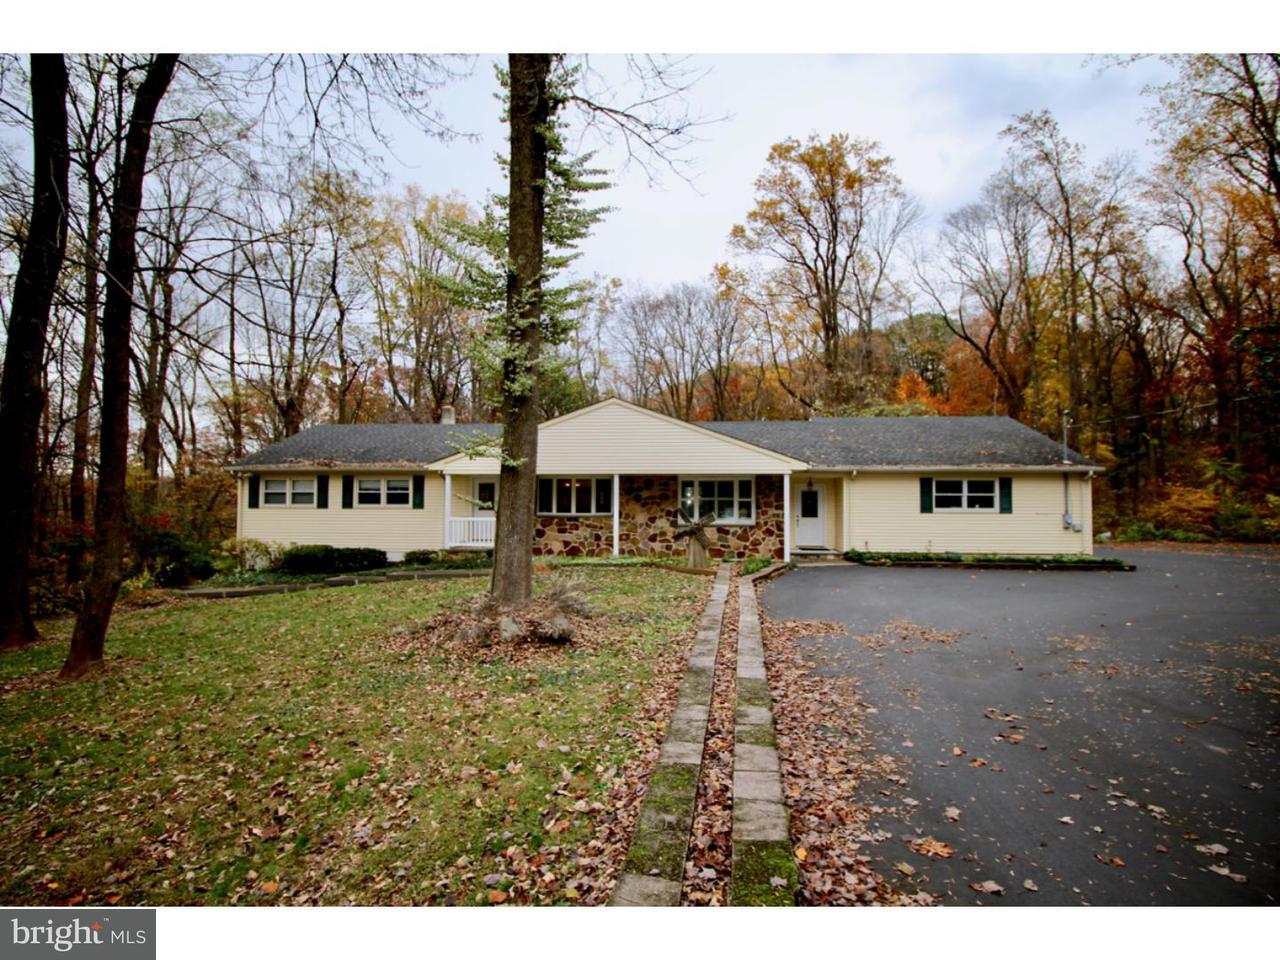 Casa Unifamiliar por un Venta en 493 ROUTE 31 NORTH Ringoes, Nueva Jersey 08551 Estados UnidosEn/Alrededor: East Amwell Township